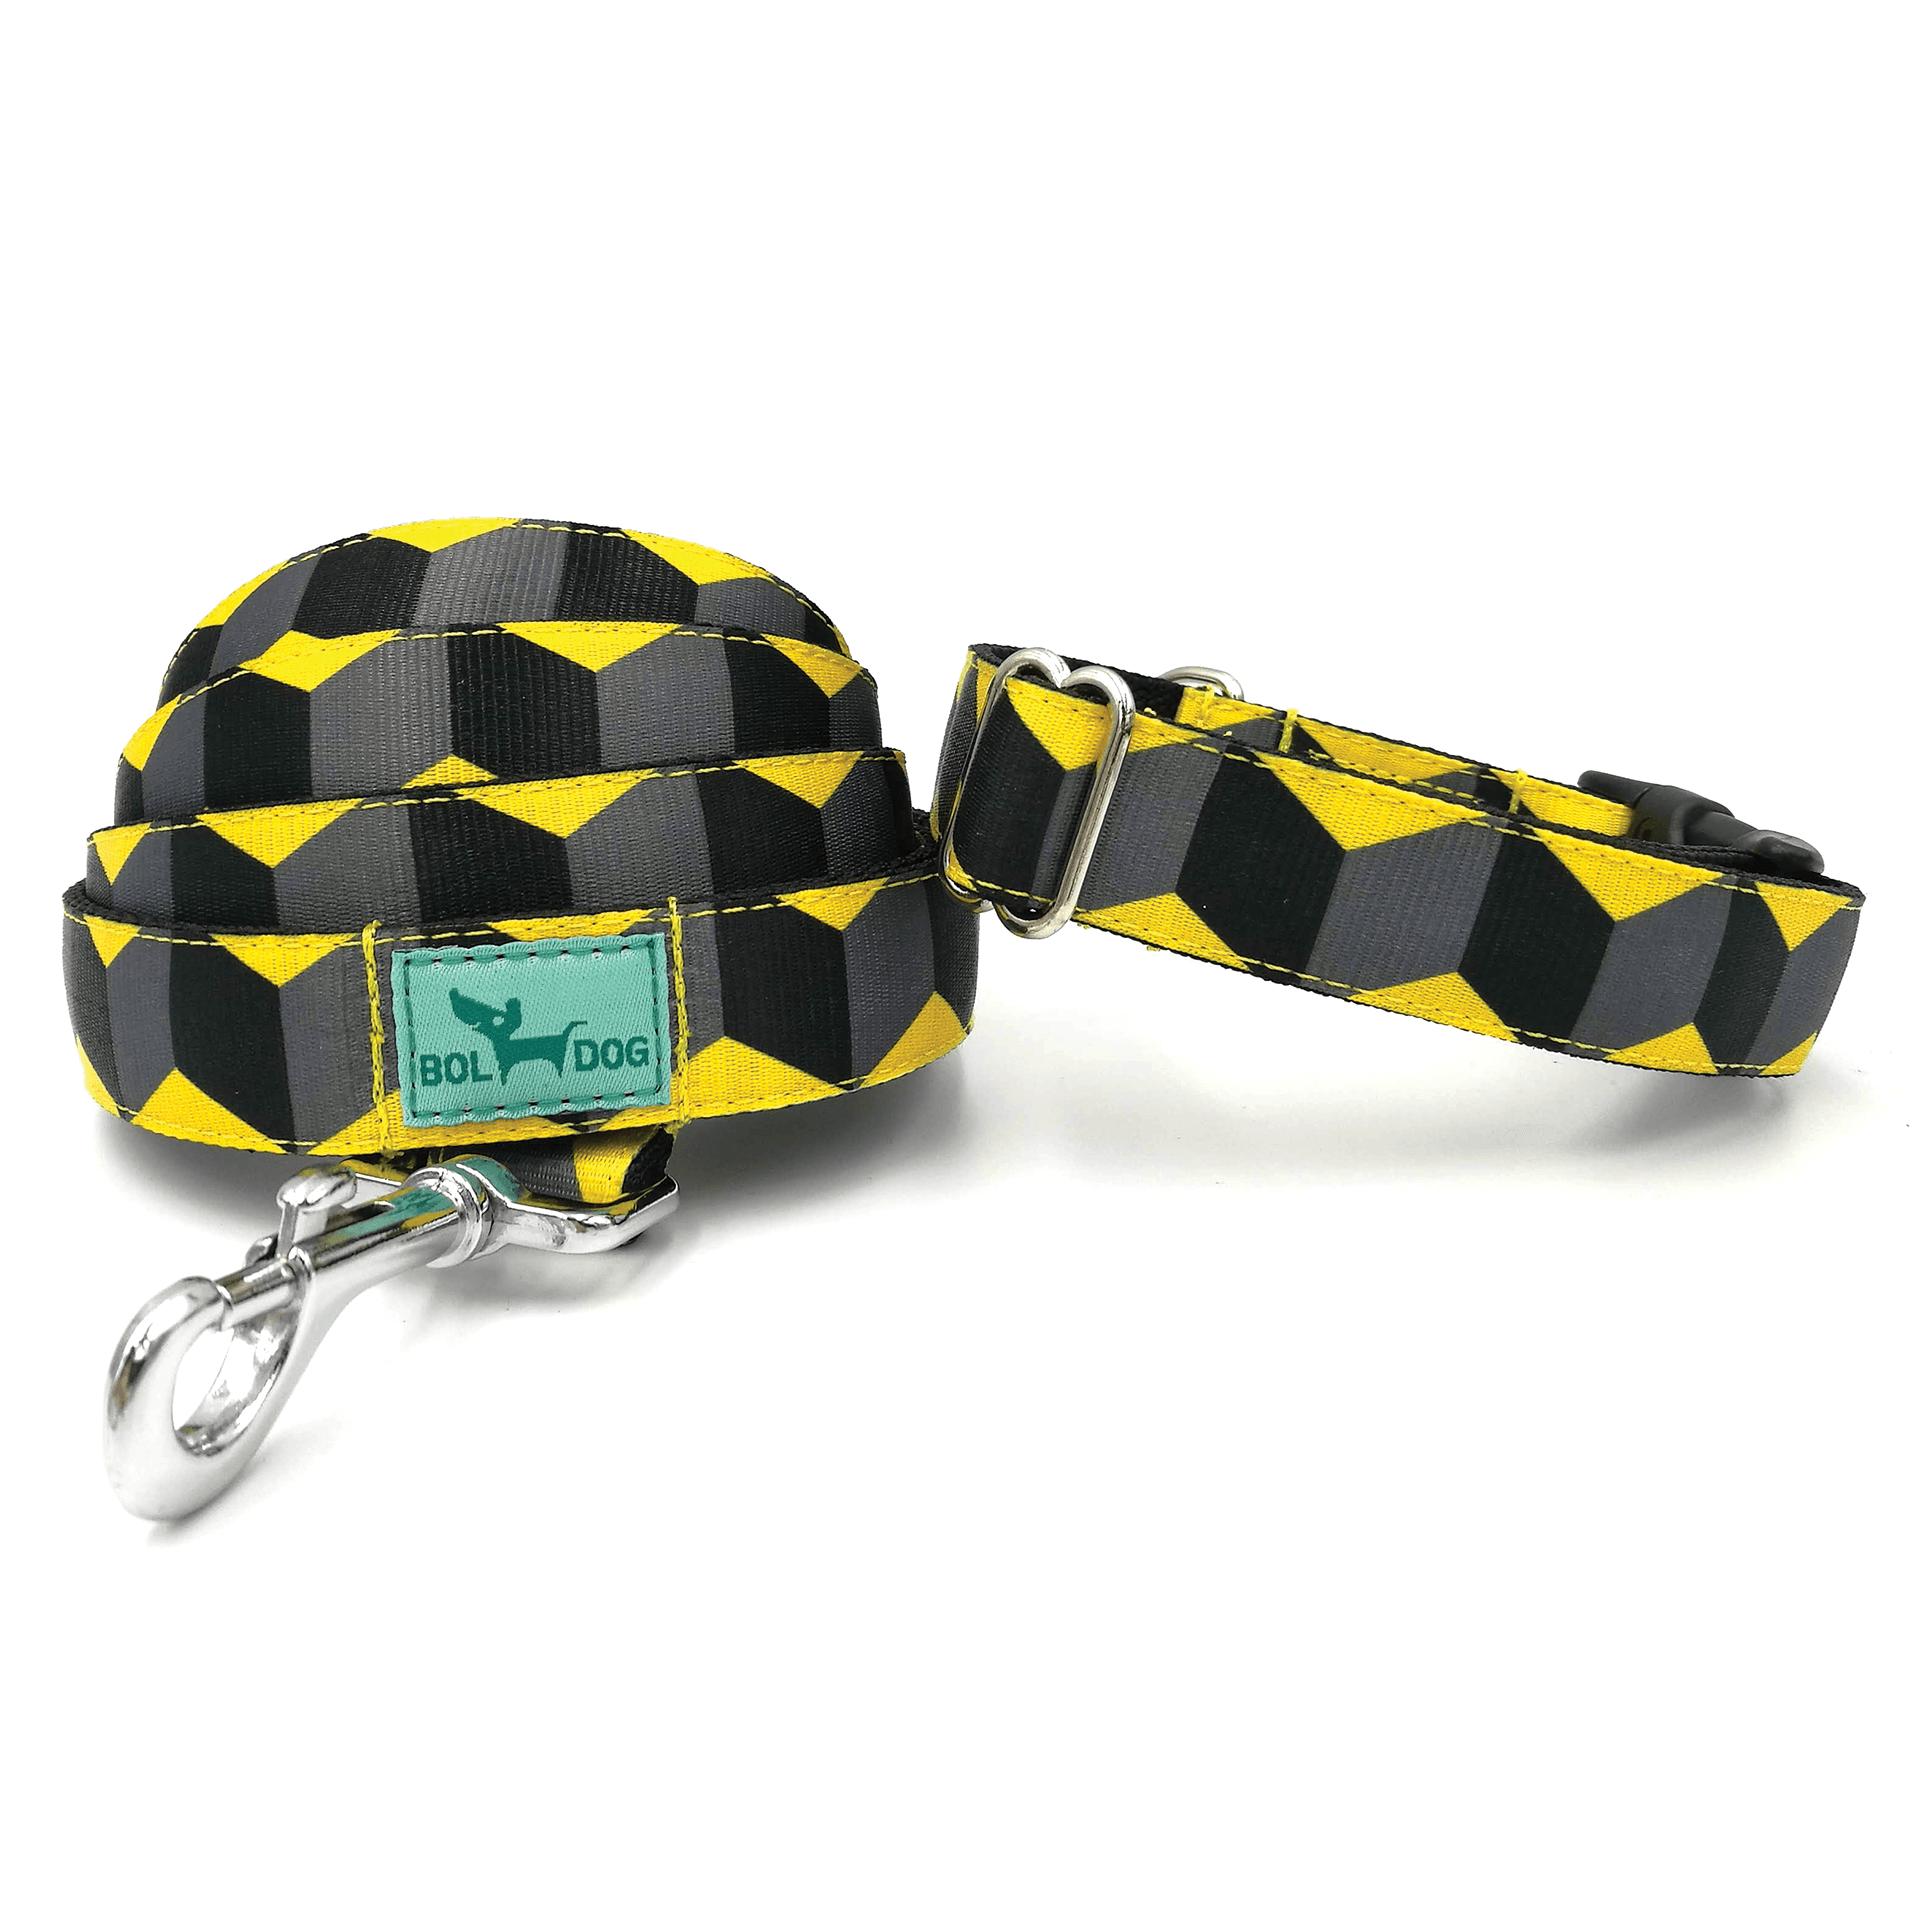 Kocka mintás sárga, fekete textil kutya nyakörv és póráz szett Bol-Dog